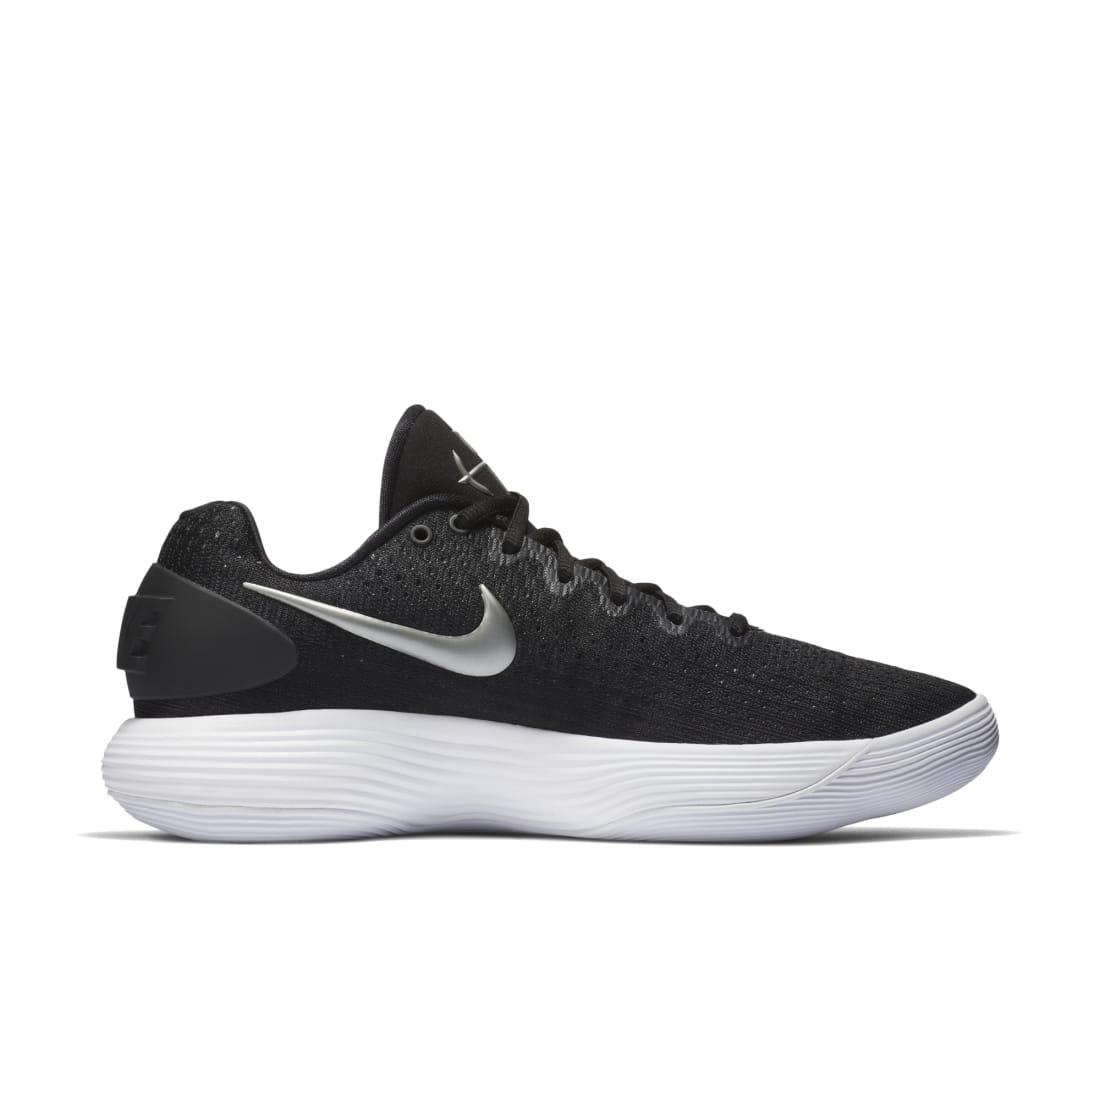 Nike Hyperdunk 2017 Low Black White